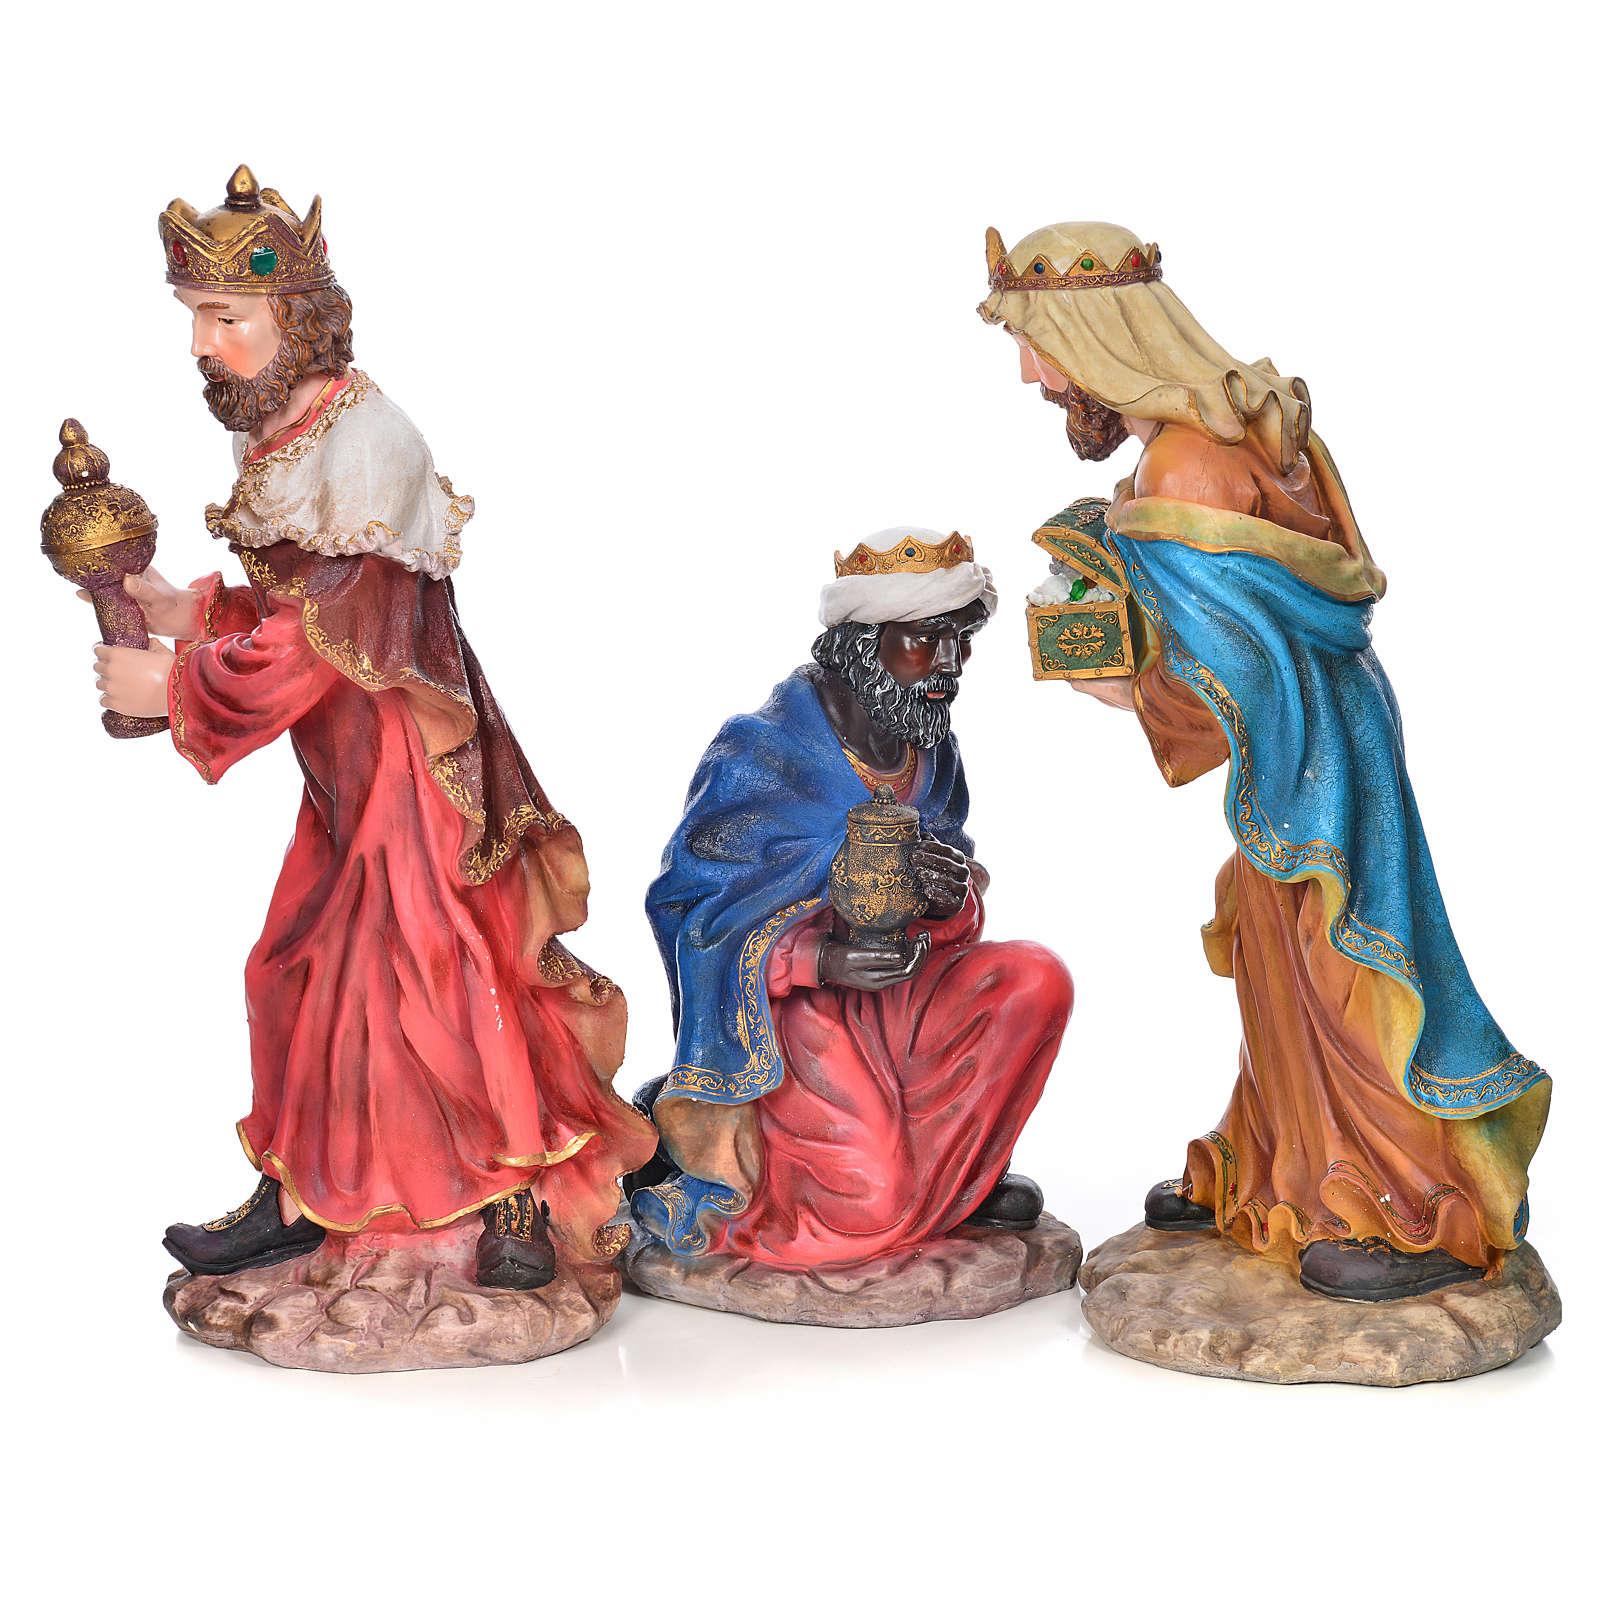 Presepe completo resina 90 cm 12 statue 4